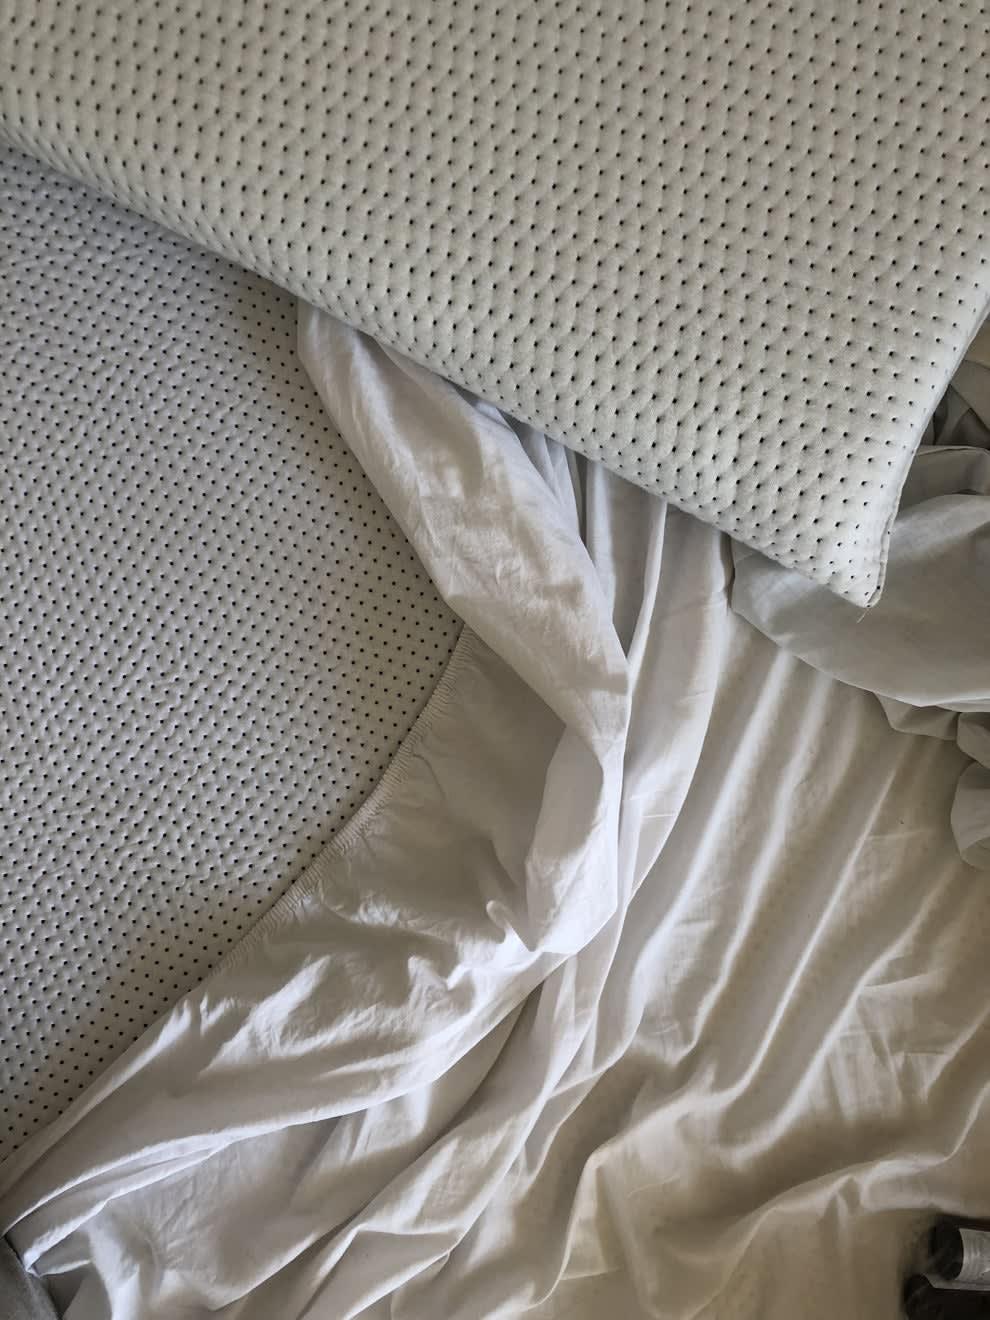 Foto do colchão com um pedaço do lençol branco solto. Em cima dele, um travesseiro feito do mesmo material do colchão.